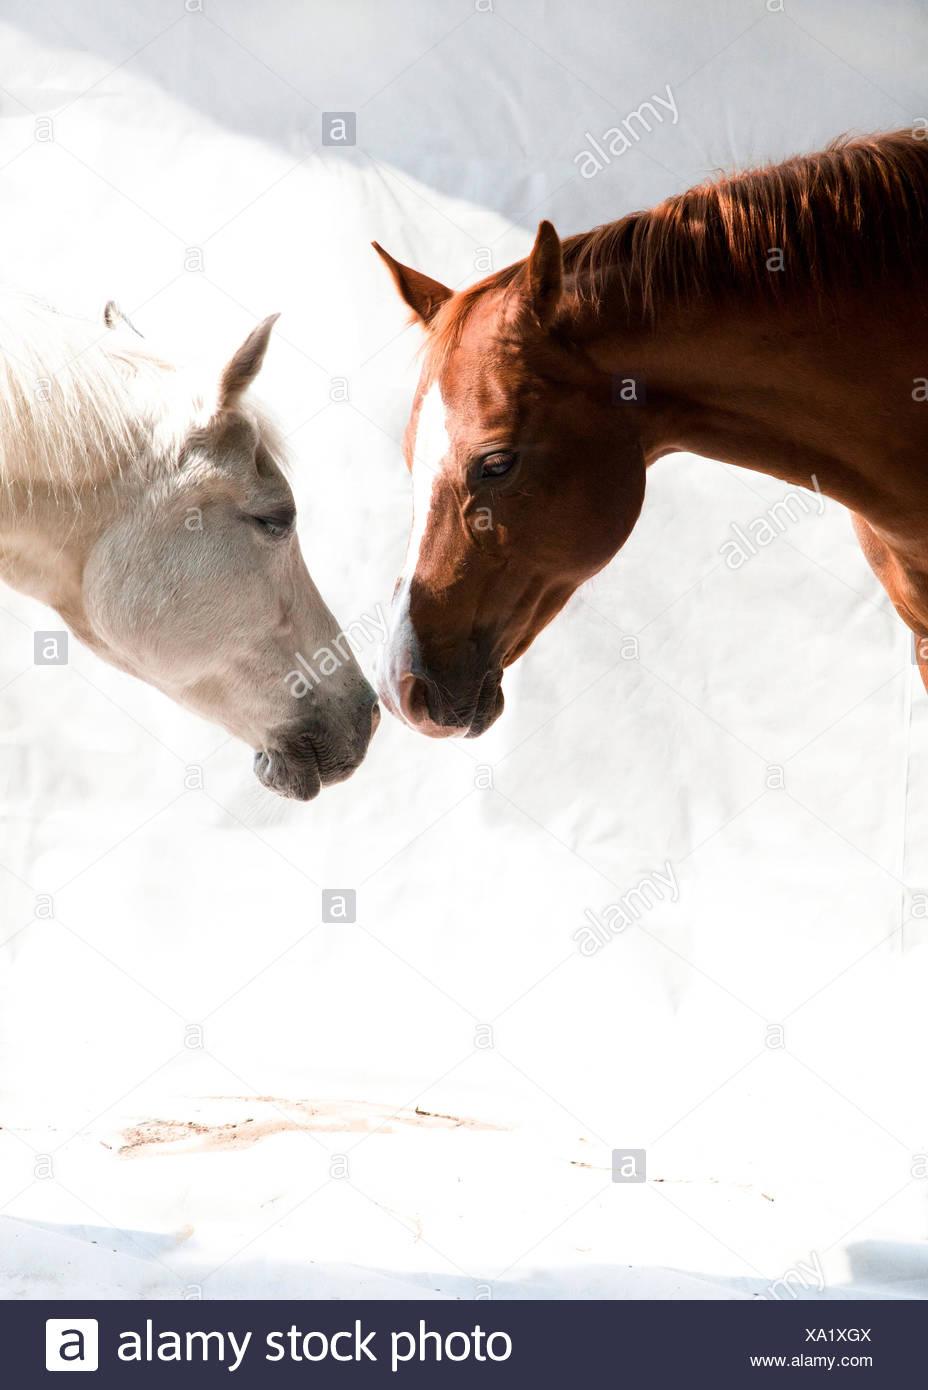 Zwei Vollblutaraber Pferde, Braun, Weiß, synthvioline, Weißer Hintergrund, Porträt, Seitlich, Stockbild